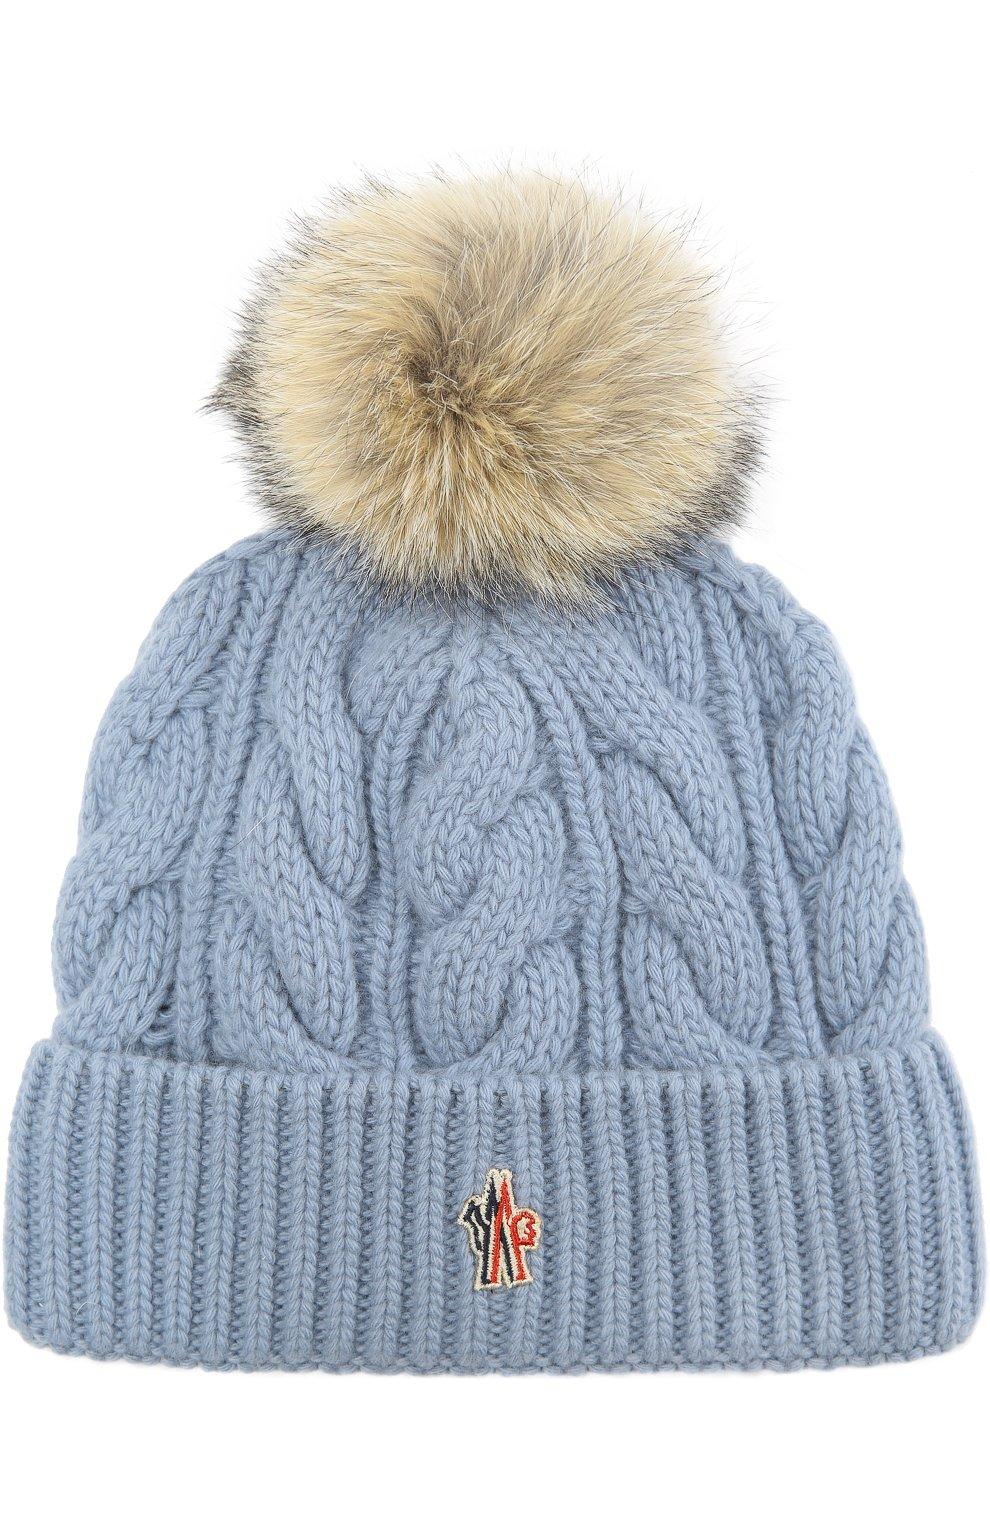 вязаная шапка с меховым помпоном Moncler голубого цвета купить за